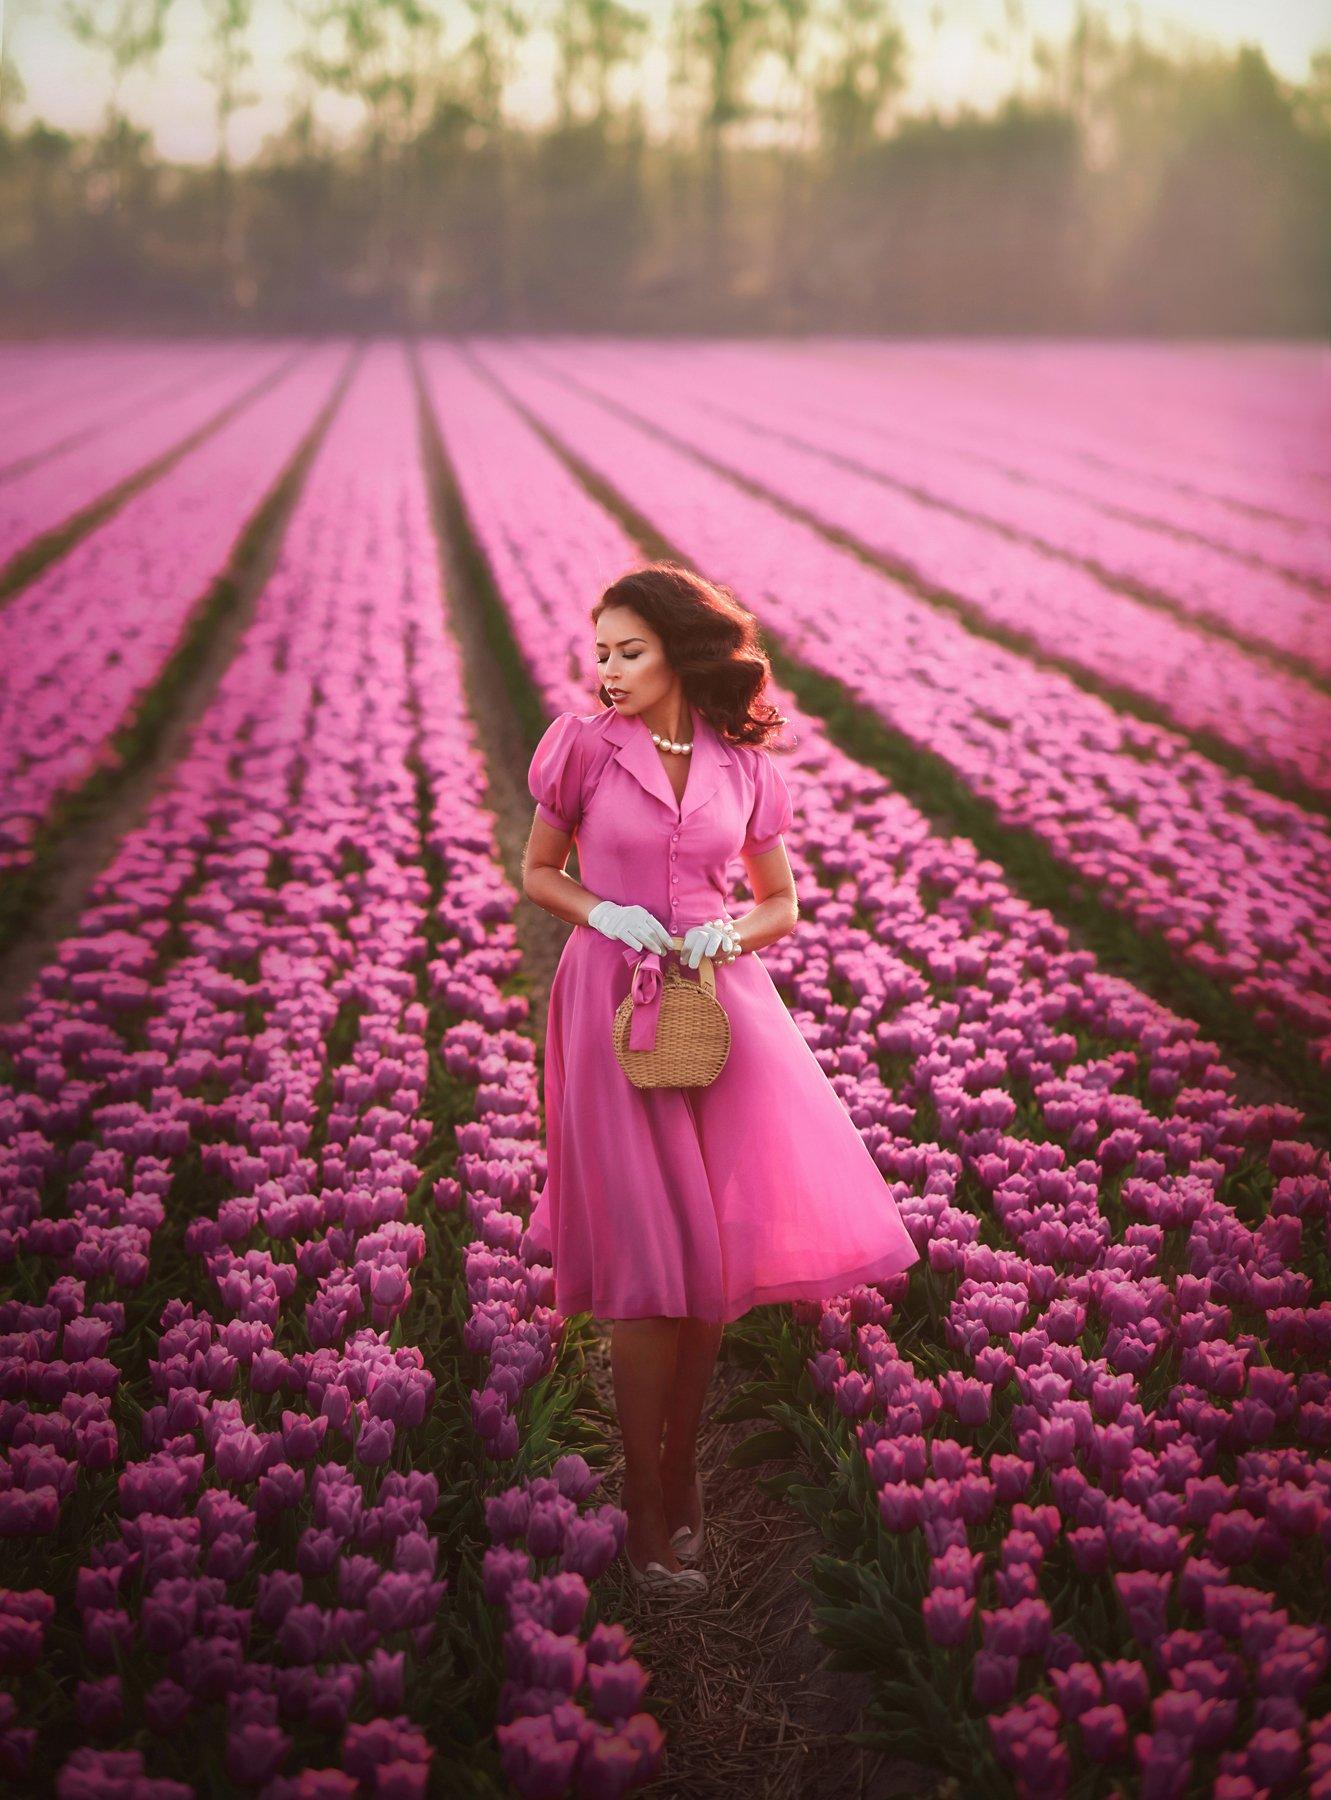 тюльпановые поля,девушка,леди ,розовые цветы,тюльпаны,красивая женщина,, Ilona